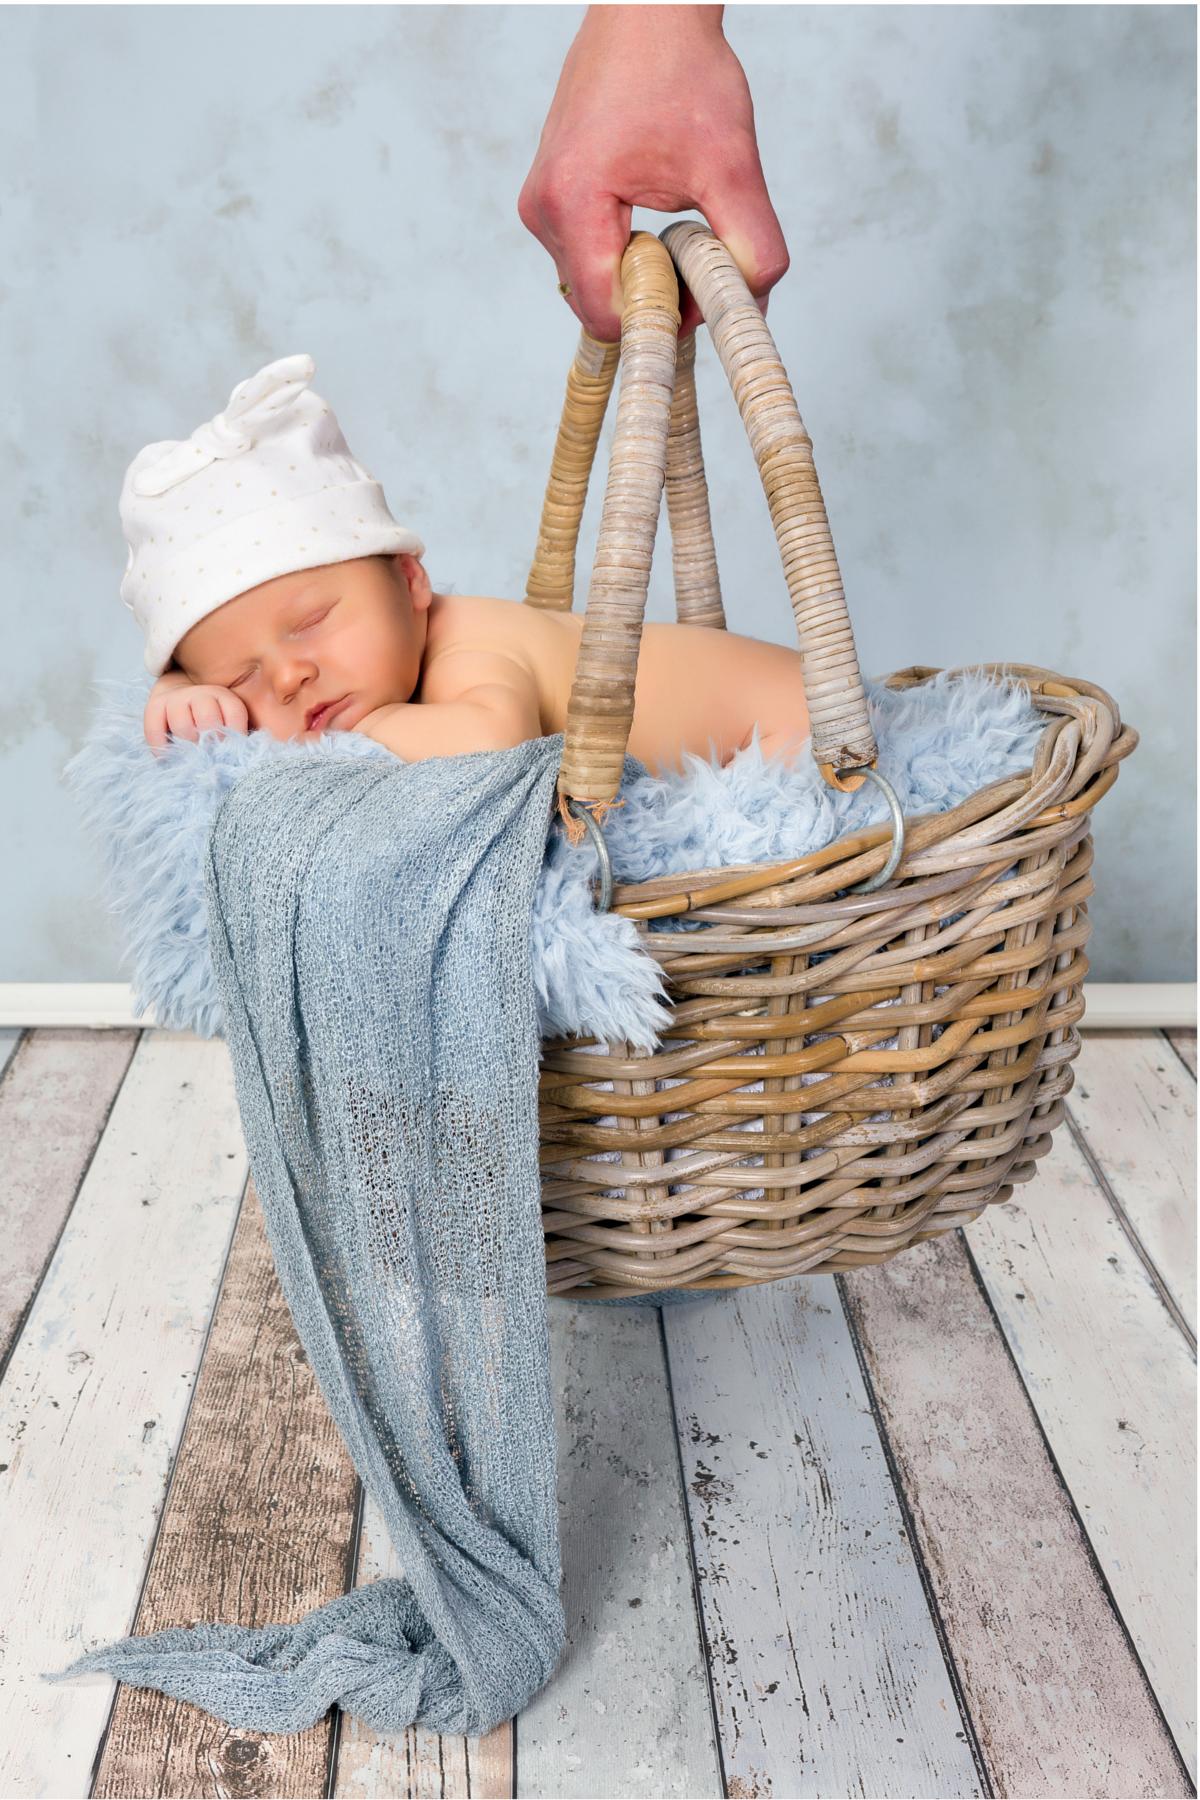 pregnancy-information-resources.jpg